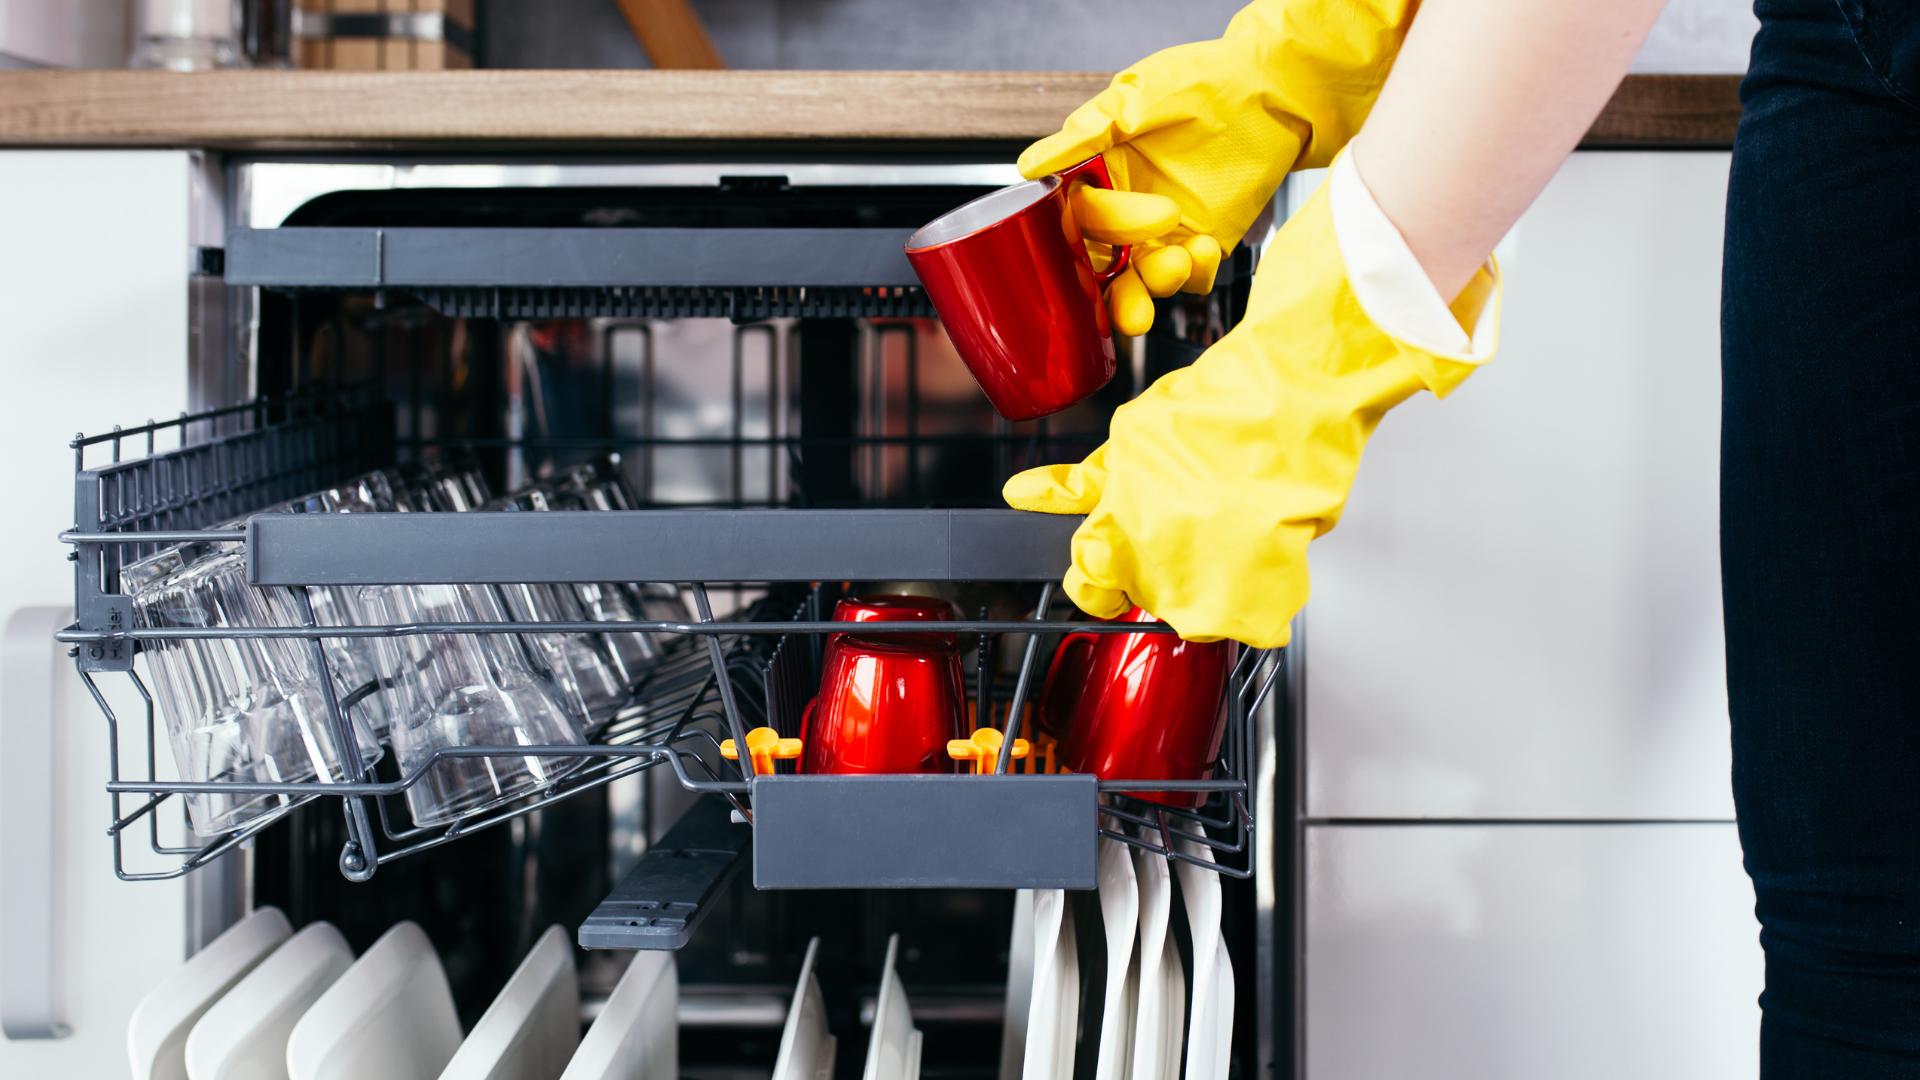 Use dishwasher properly